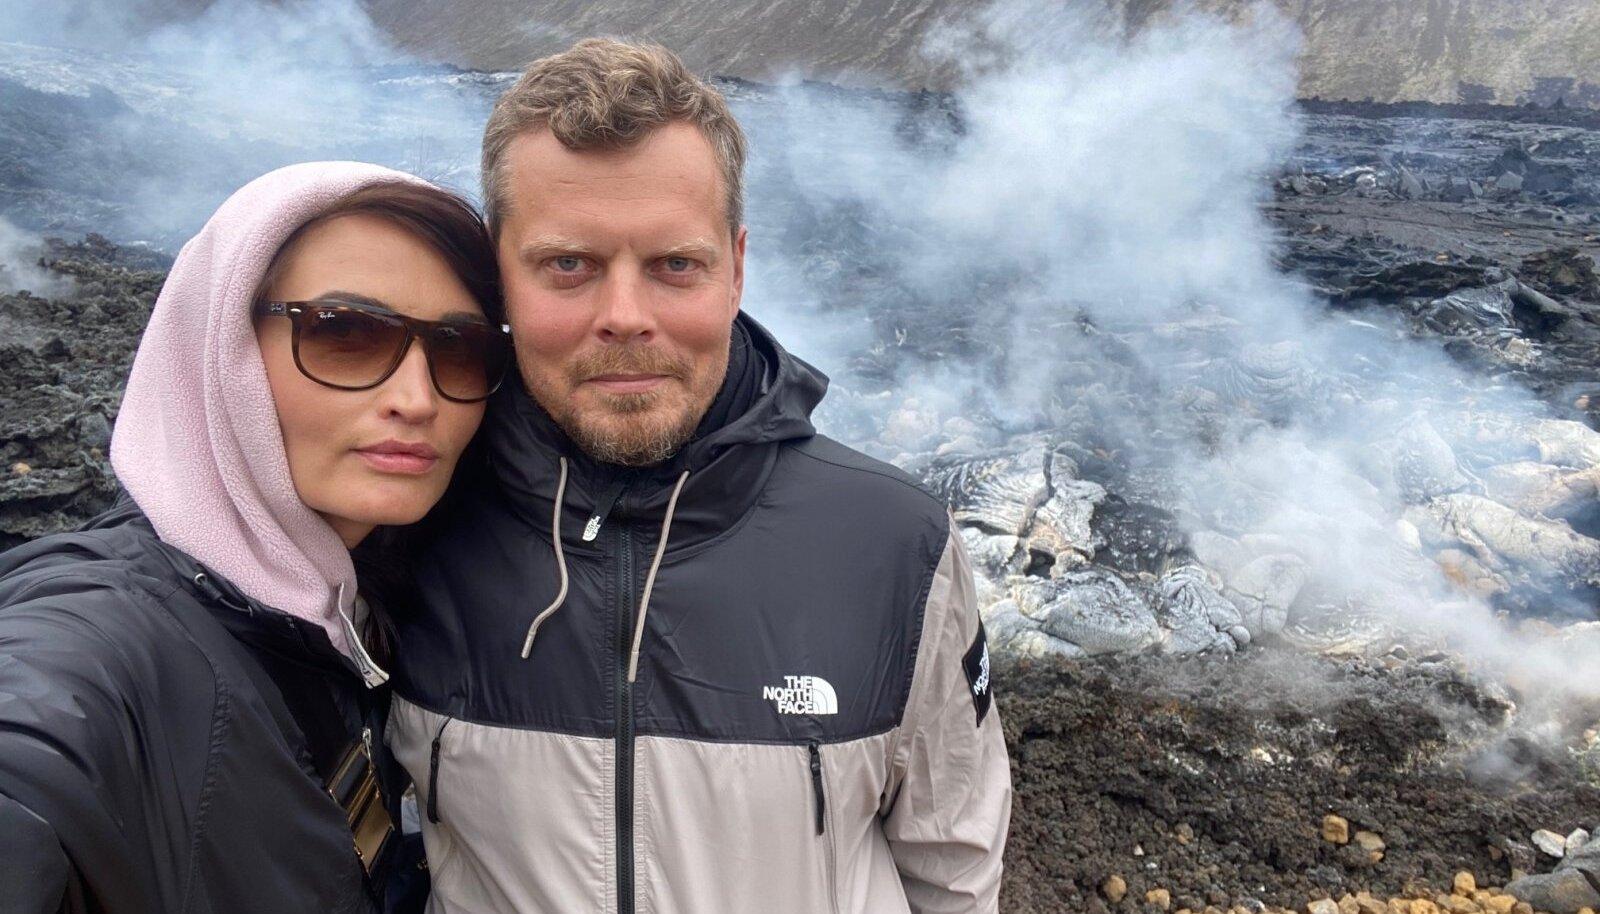 MAA ALL PULBITSEB Geldingadalur on Islandi kõige värskem aktiivne vulkaan, mis kohalike sõnul ei oleks üldse tohtinud purskama hakata. Susan ja Taavi kogesid maa alt tulevat kuumust ja väävlihaisu omal nahal.